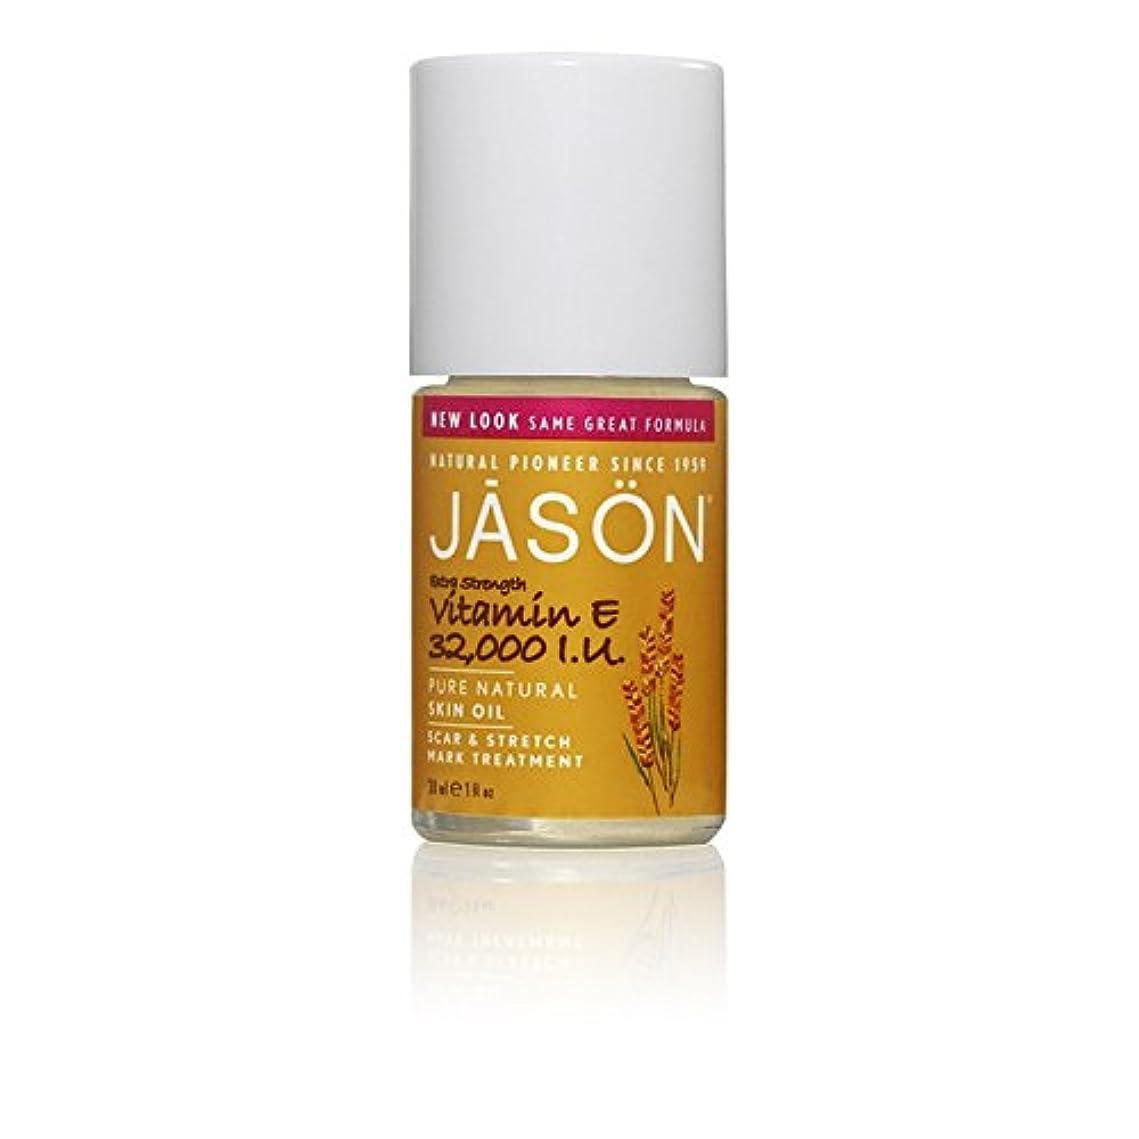 ジェイソン?ビタミン 32,000オイル傷跡&ストレッチマークトリートメント33ミリリットル x4 - Jason Vitamin E 32,000iu Oil Scar & Stretch Mark Treatment 33ml (Pack of 4) [並行輸入品]